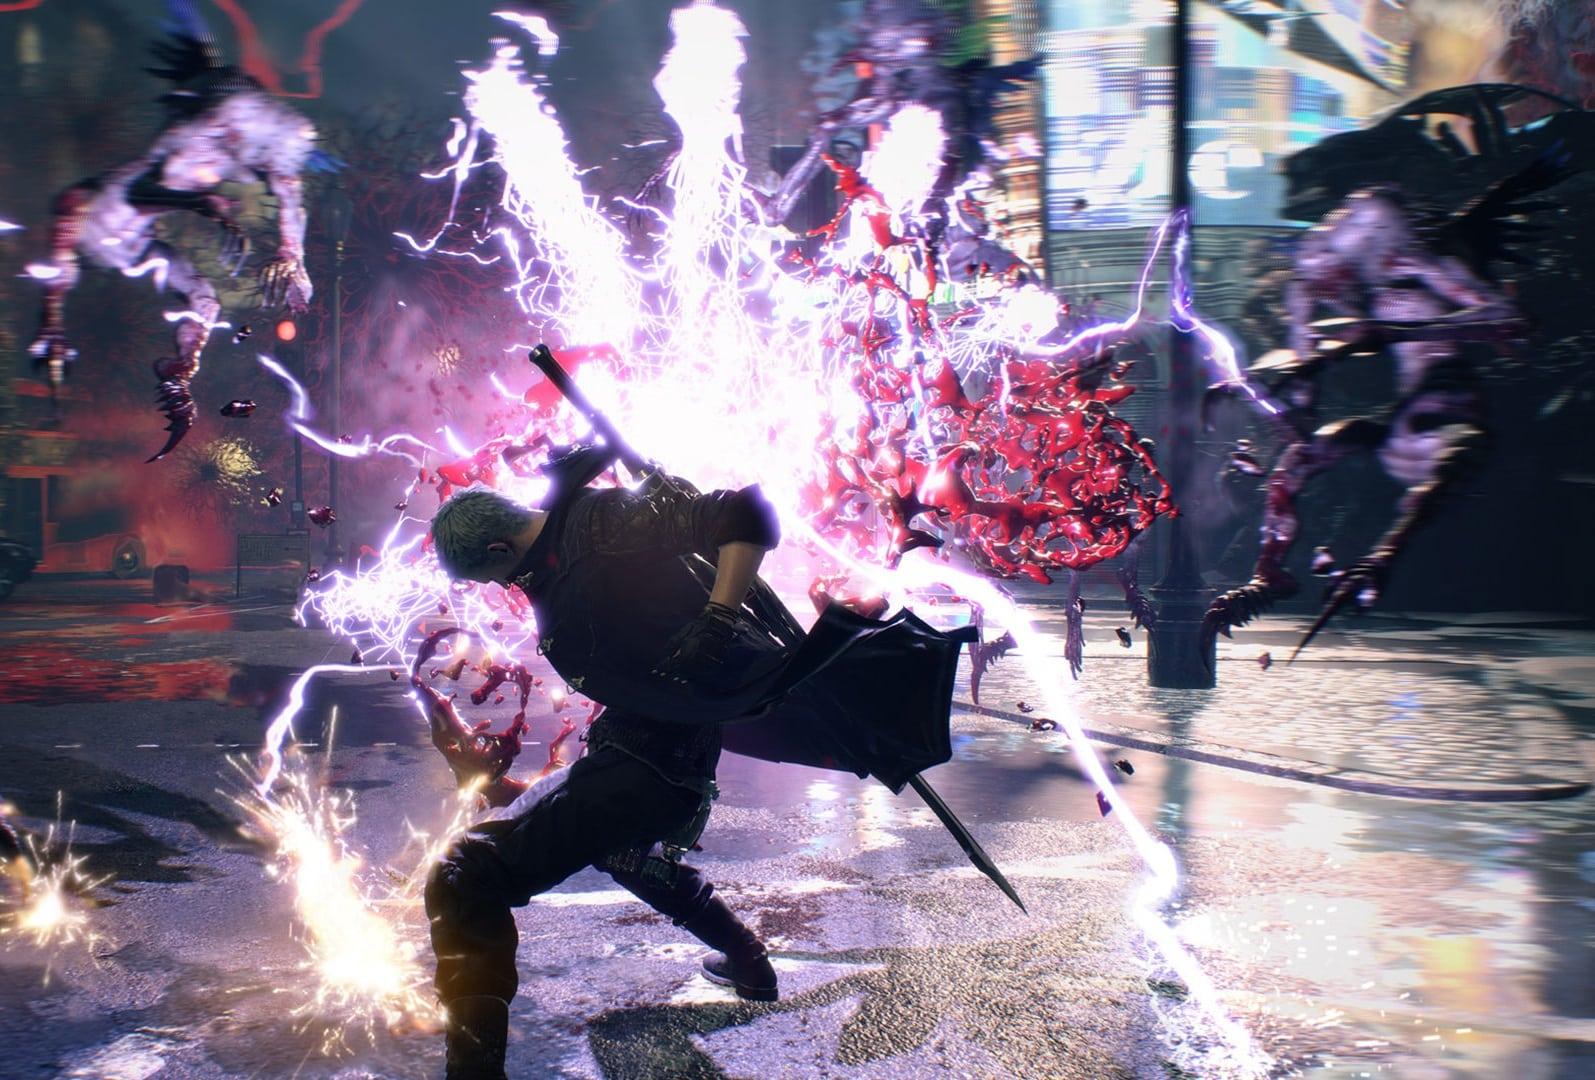 خرید دی ال سی Devil May Cry 5 اسکرین شات 1